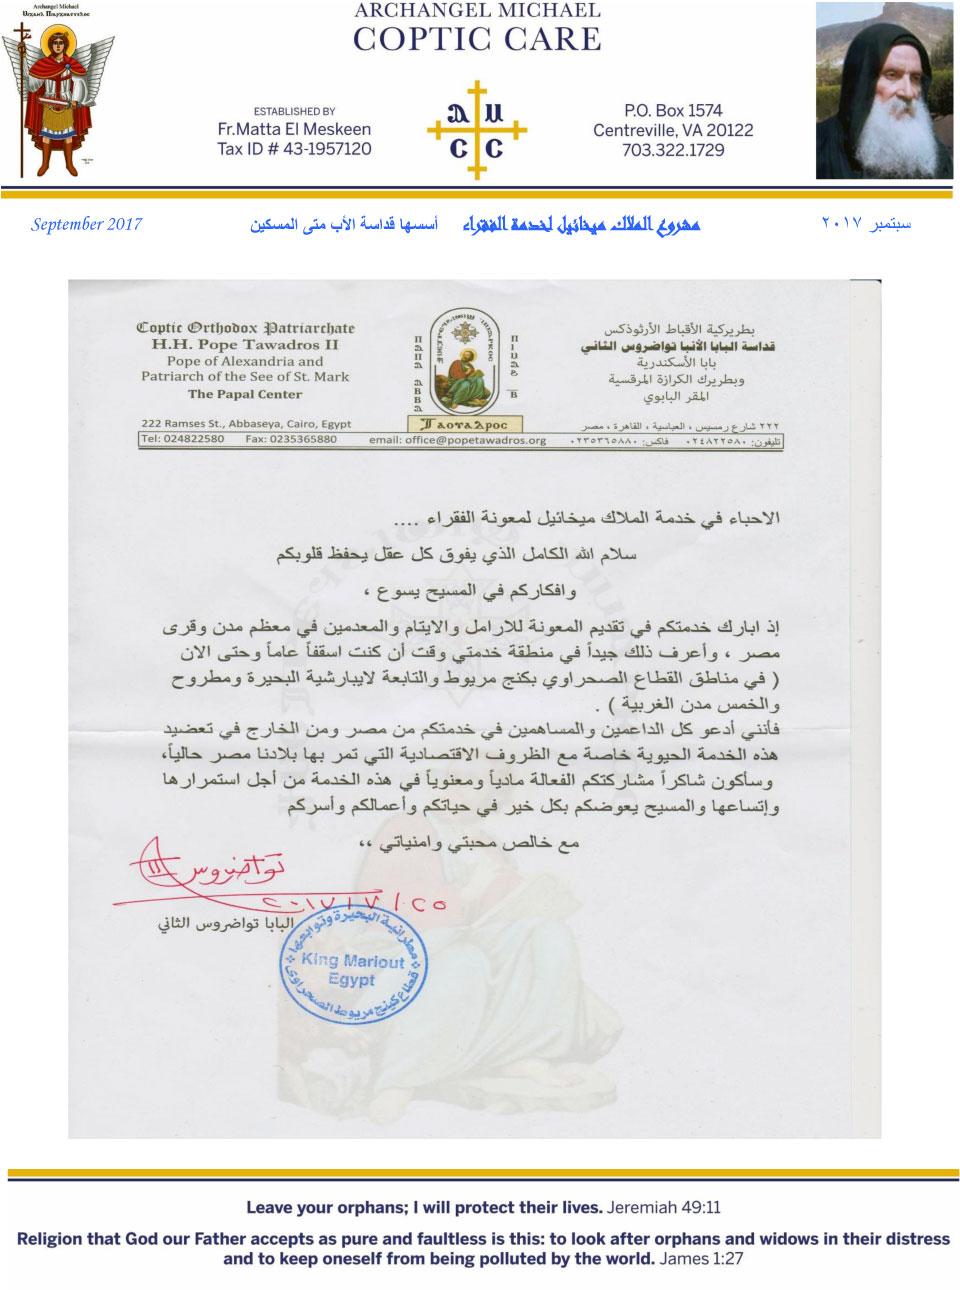 Pope-Tawadros-II-SEPTEMBER-LETTER-2017_2.jpg